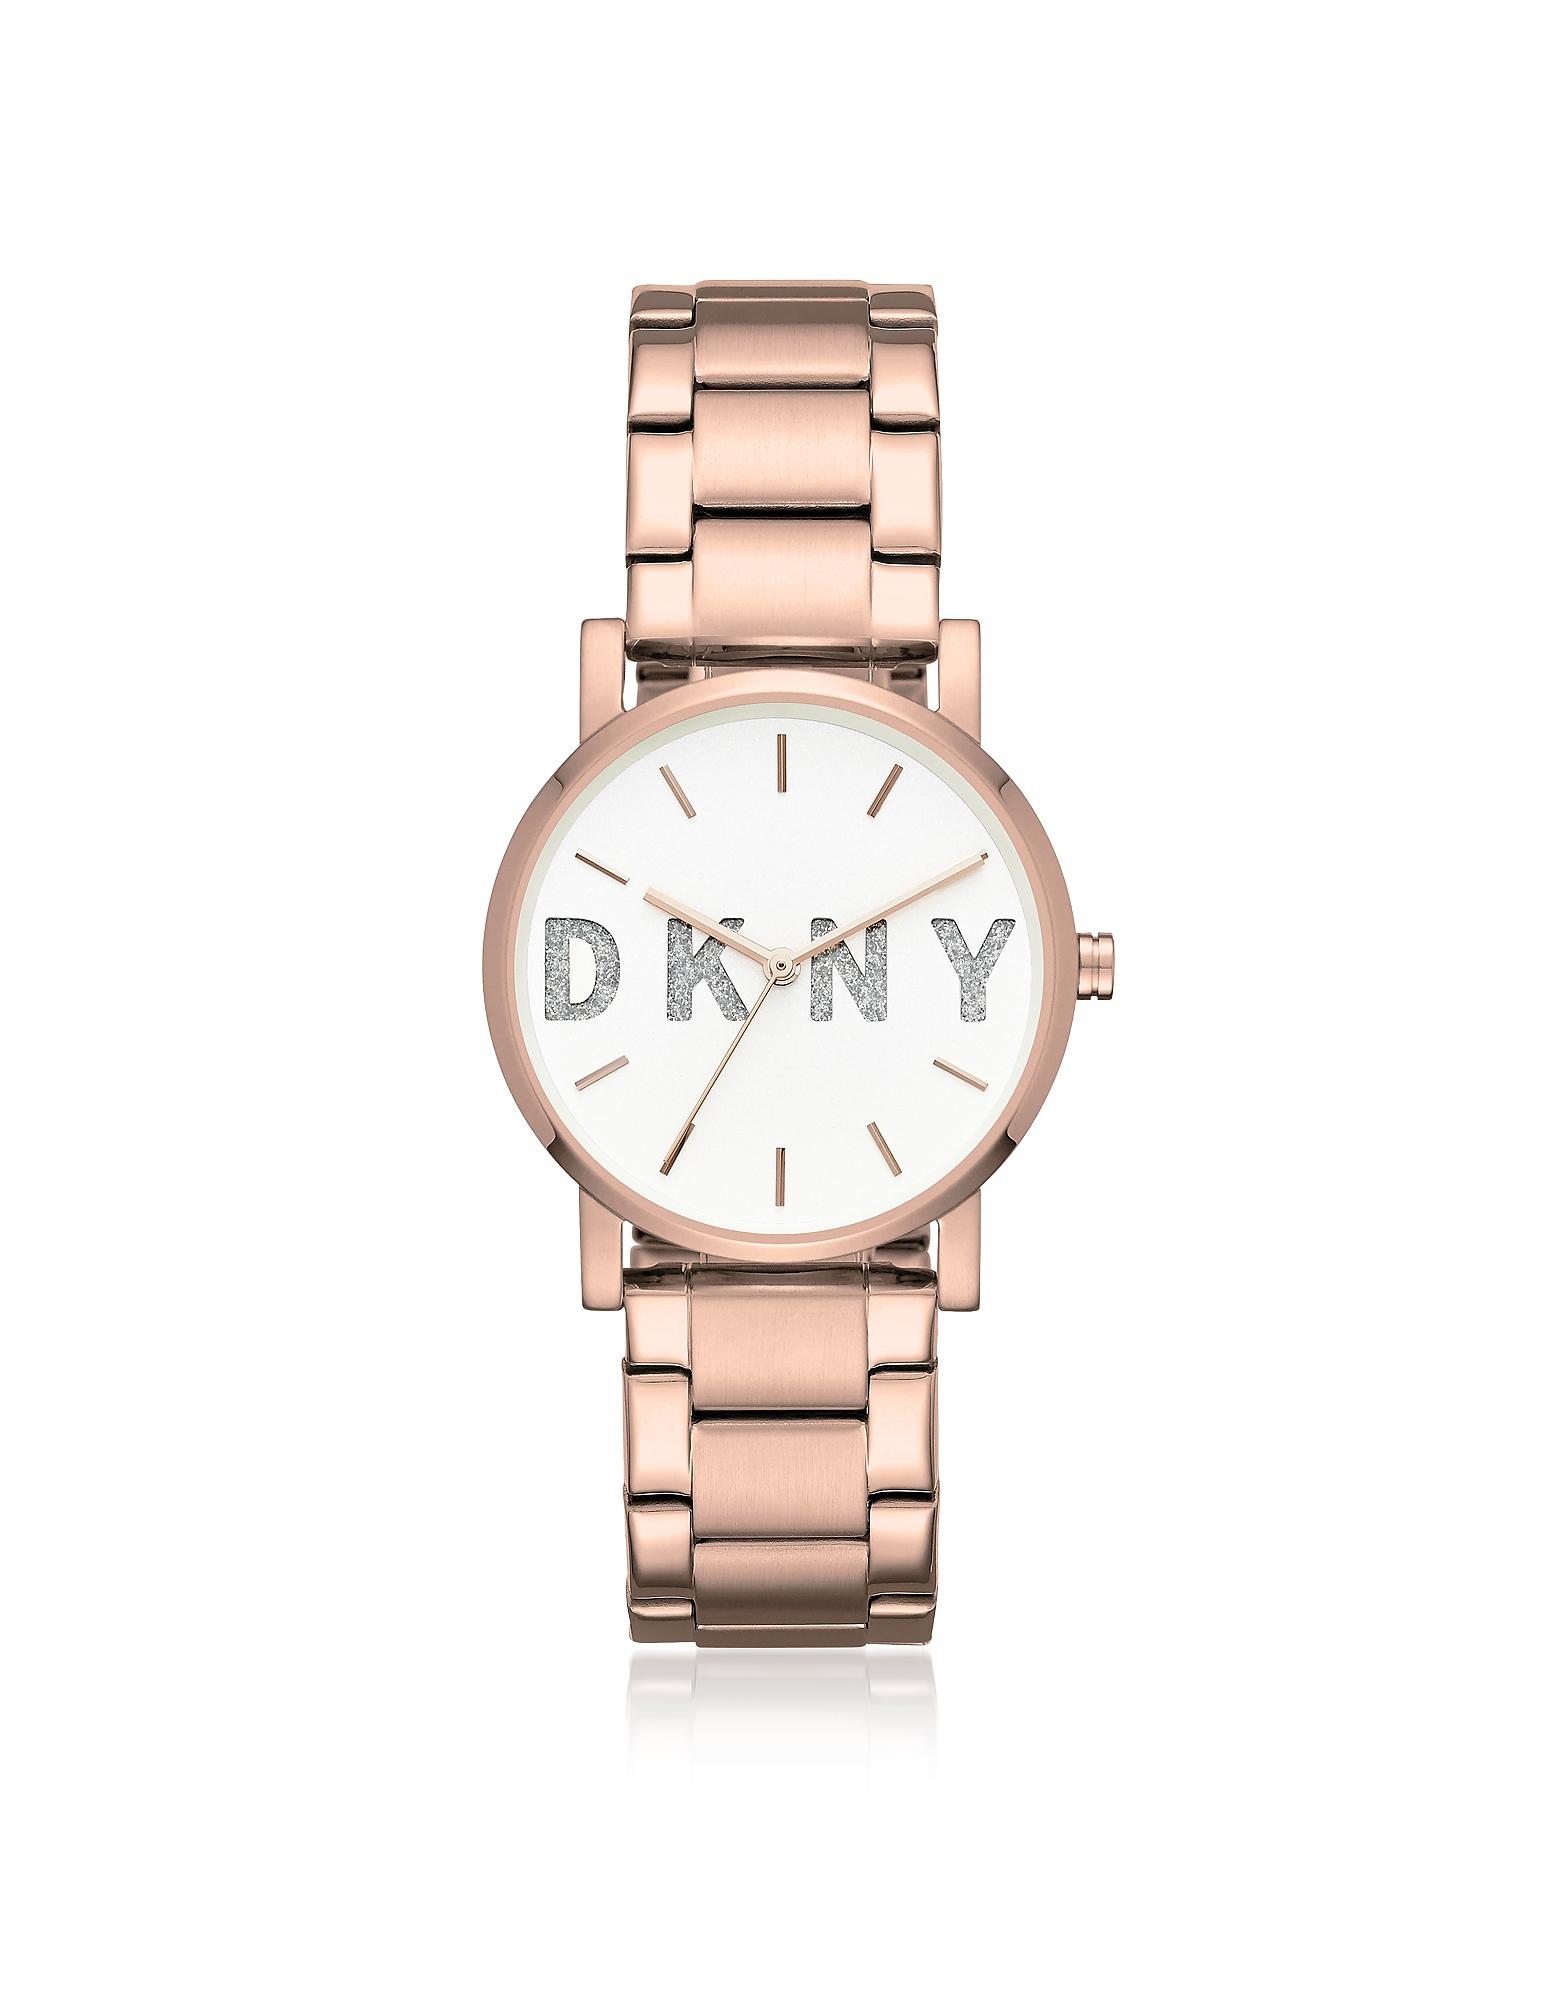 DKNY Women's Watches, NY2654 Soho Women's Watch